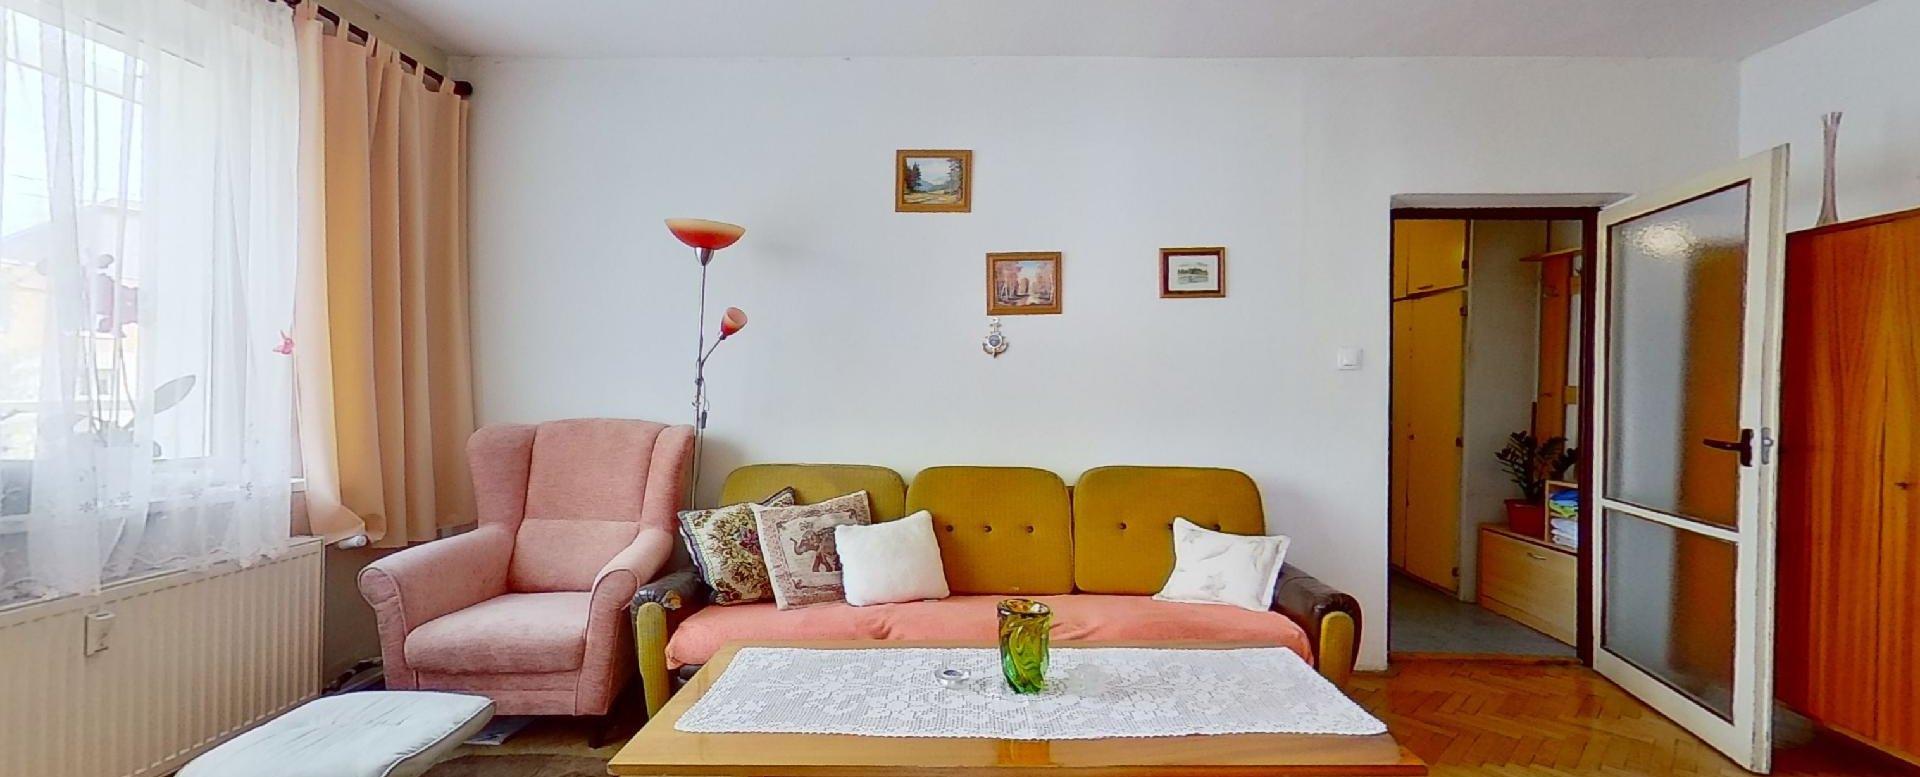 pohľad zo spálne do obývacej izby